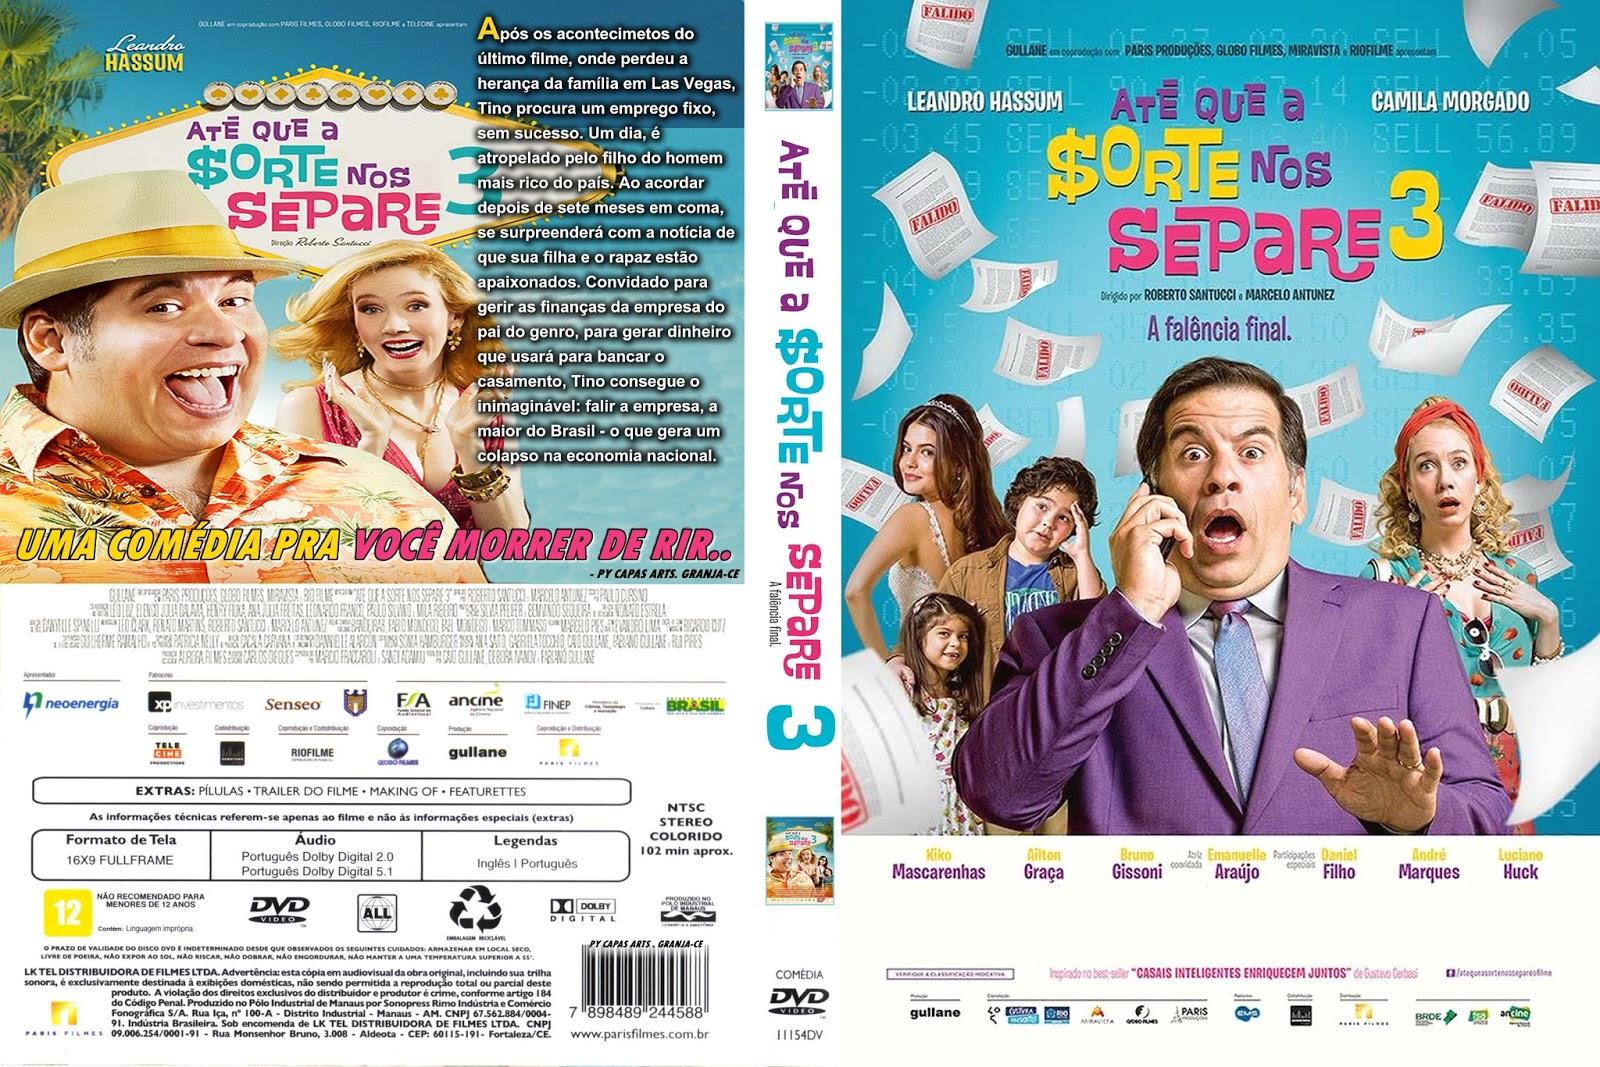 Até que a Sorte nos Separe 3 DVD-R At 25C3 25A9 2Bque 2Ba 2BSorte 2Bnos 2BSepare 2B3